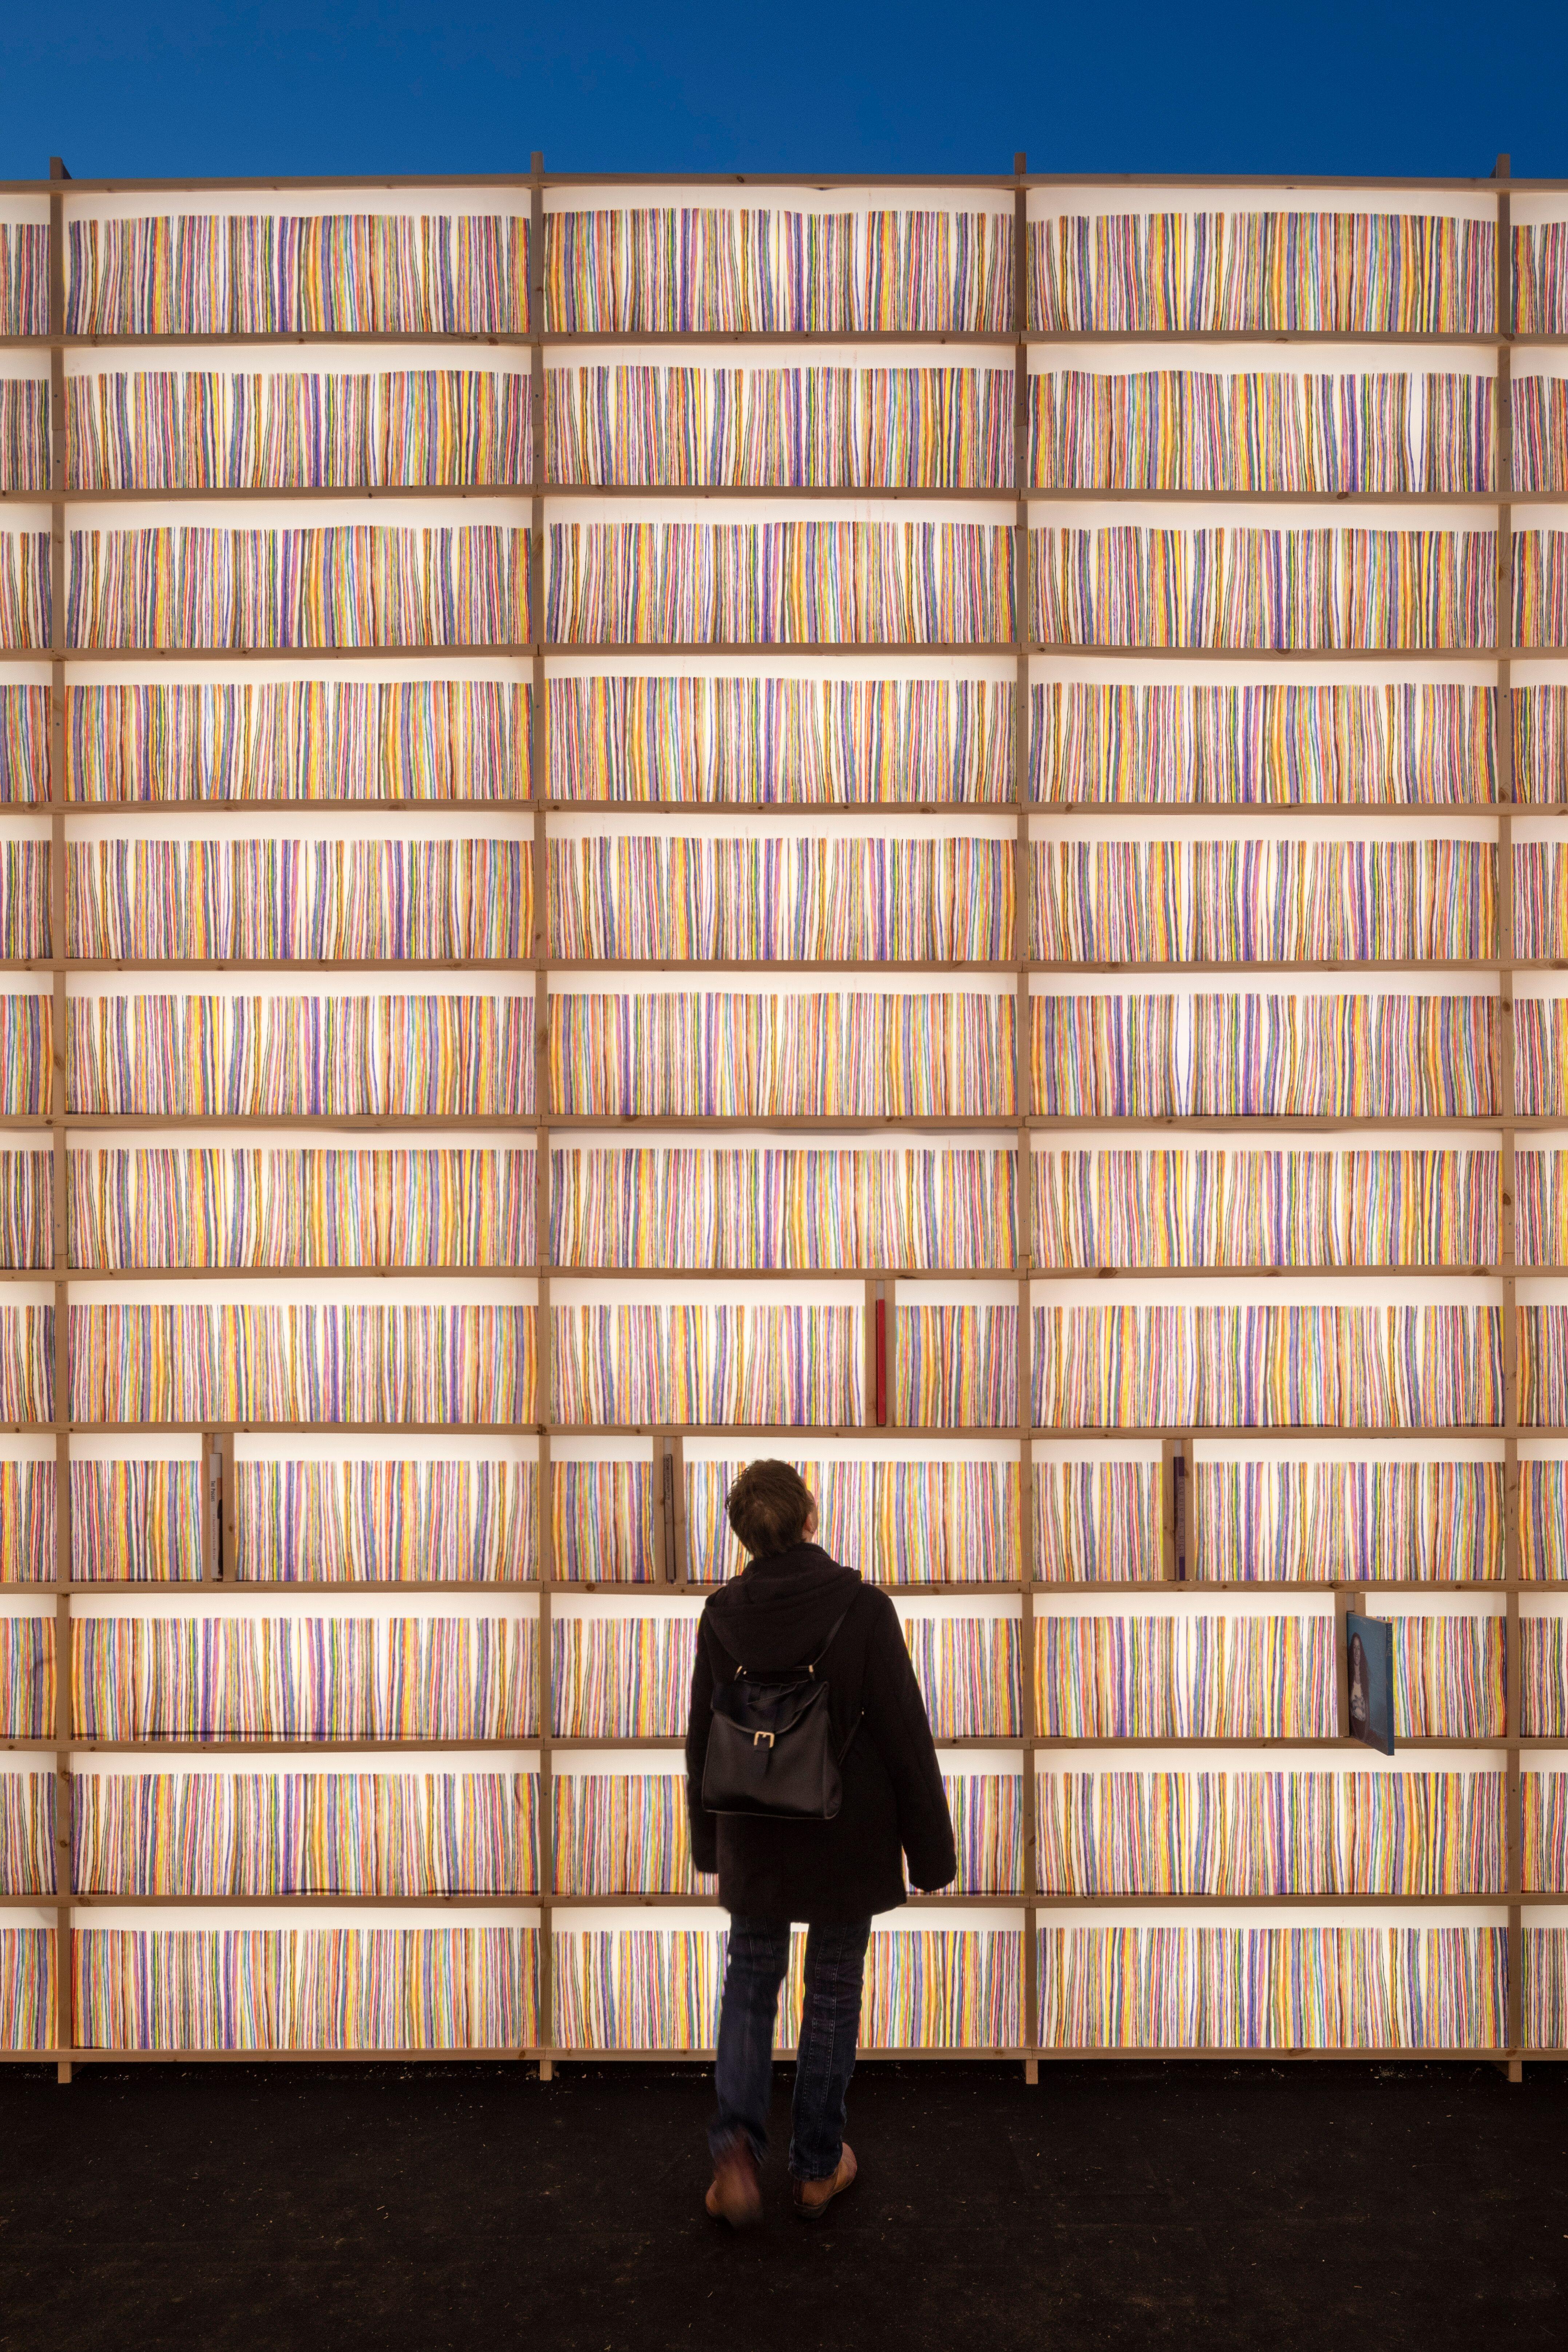 Евровидение 2019. Библиотека винила в порту Тель-Авива. Фото: Таль Нисим